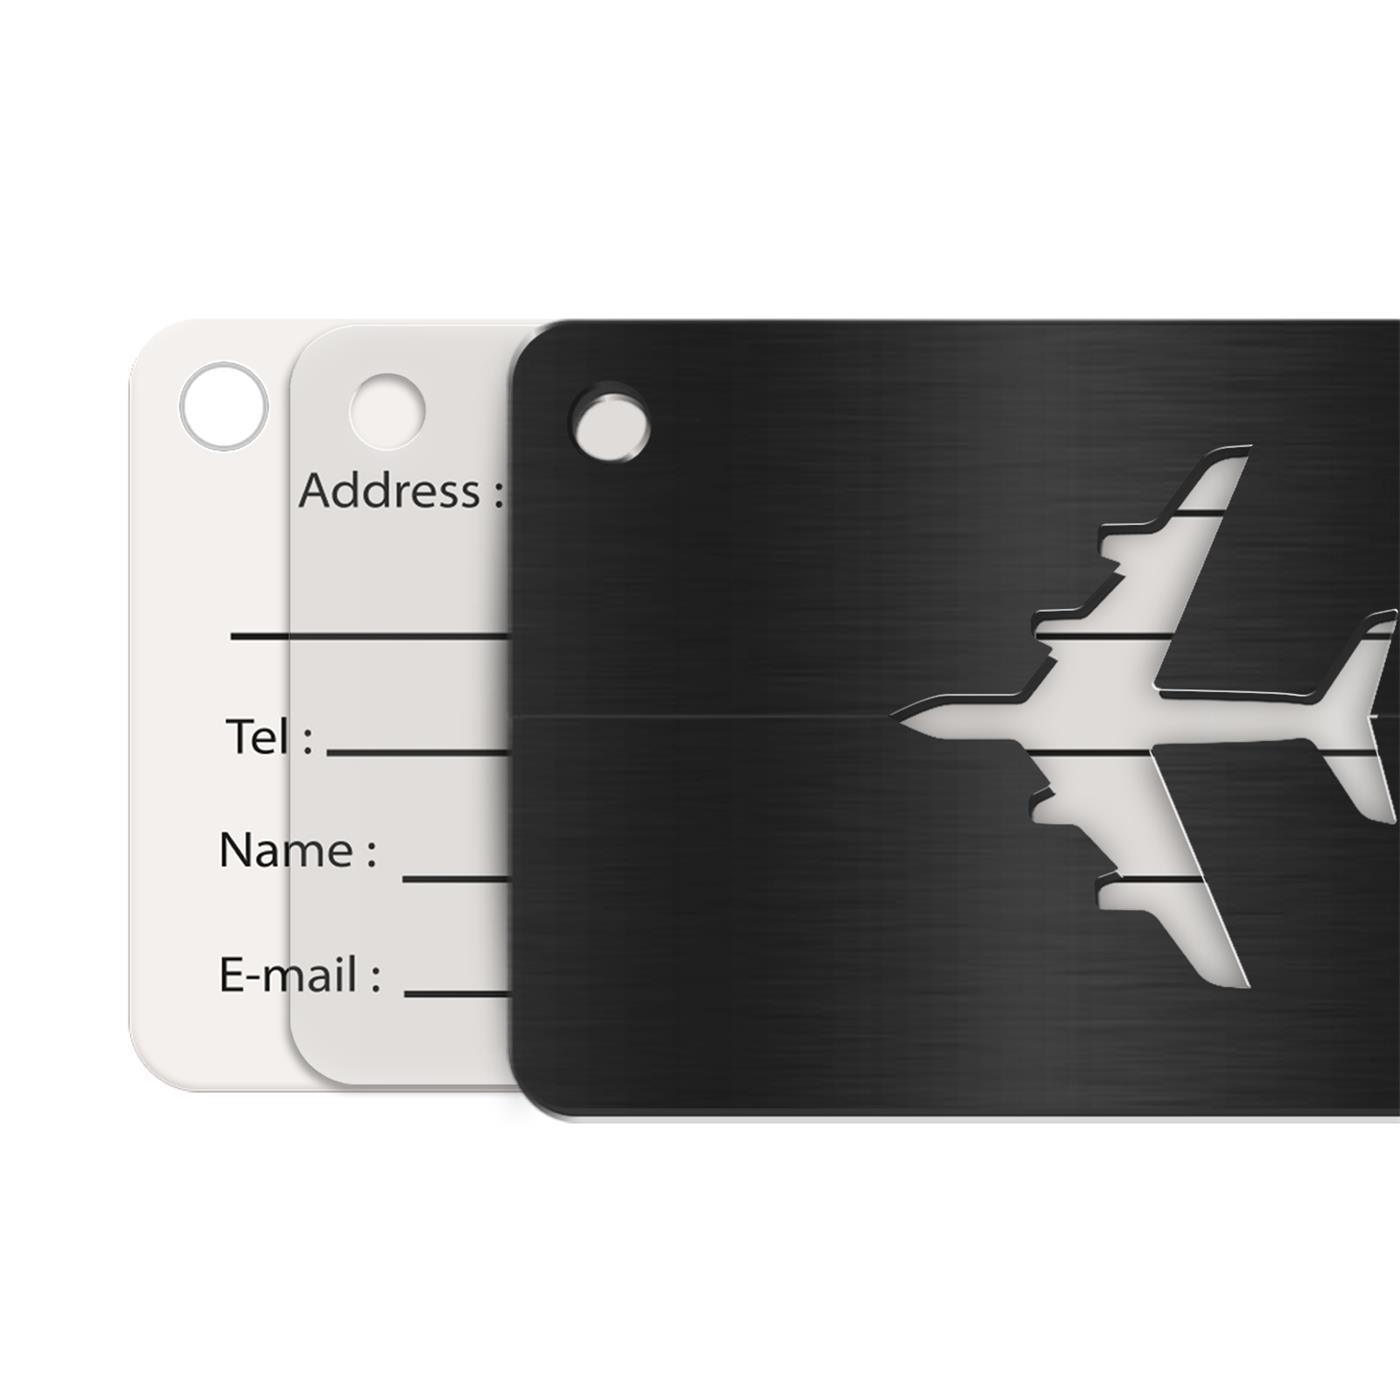 Reise-Kofferanhaenger-Namensschild-Gepaeck-Anhaenger-Schild-Urlaub-Flugzeug-Trolley Indexbild 20